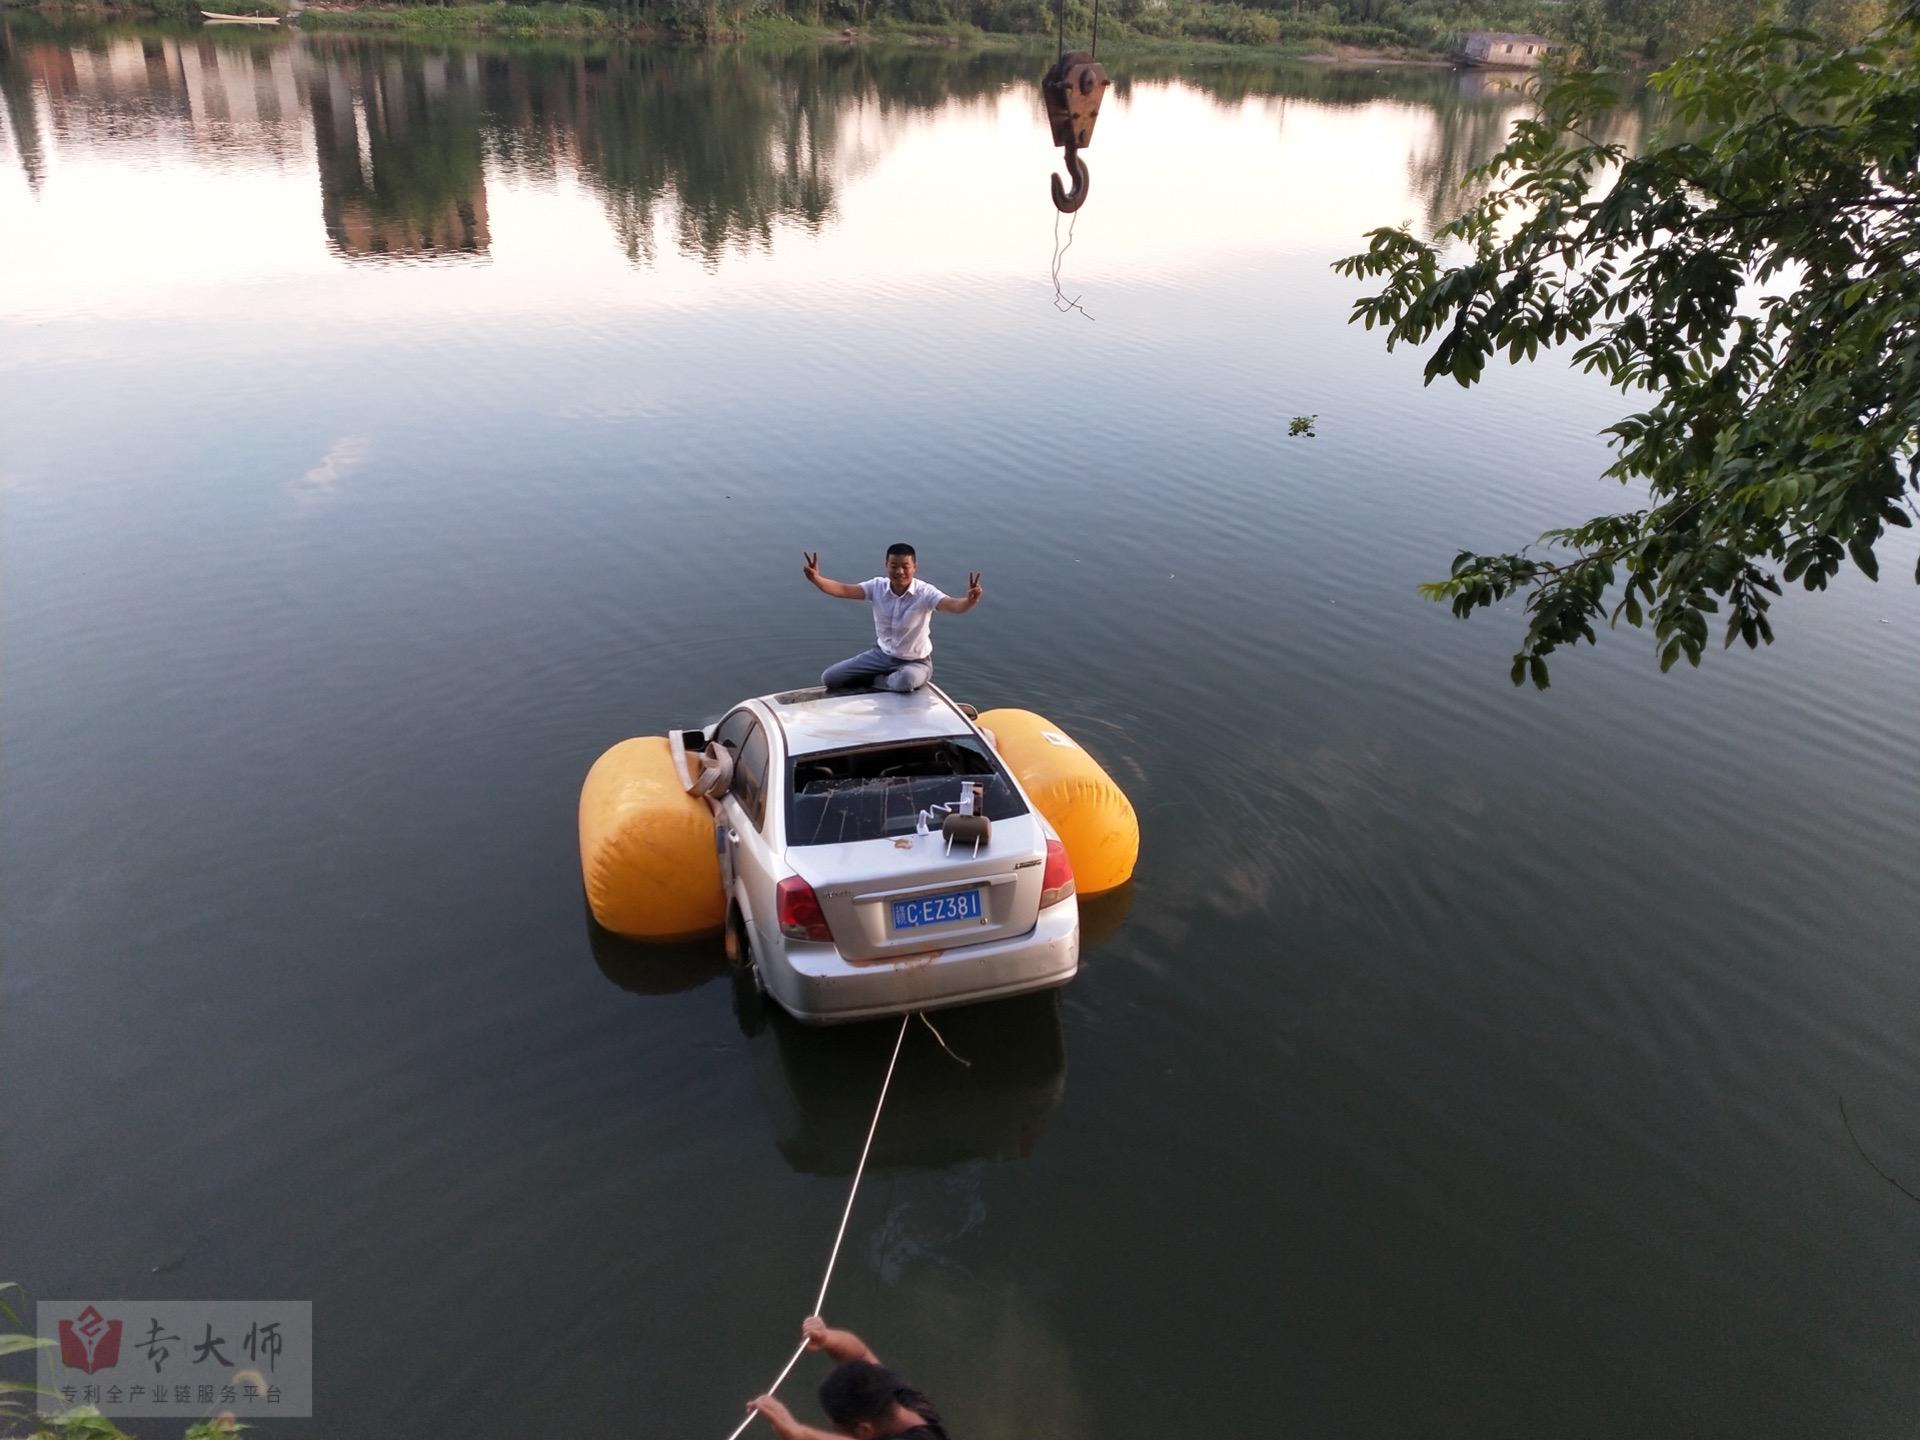 专利交易-汽车落水逃生装置